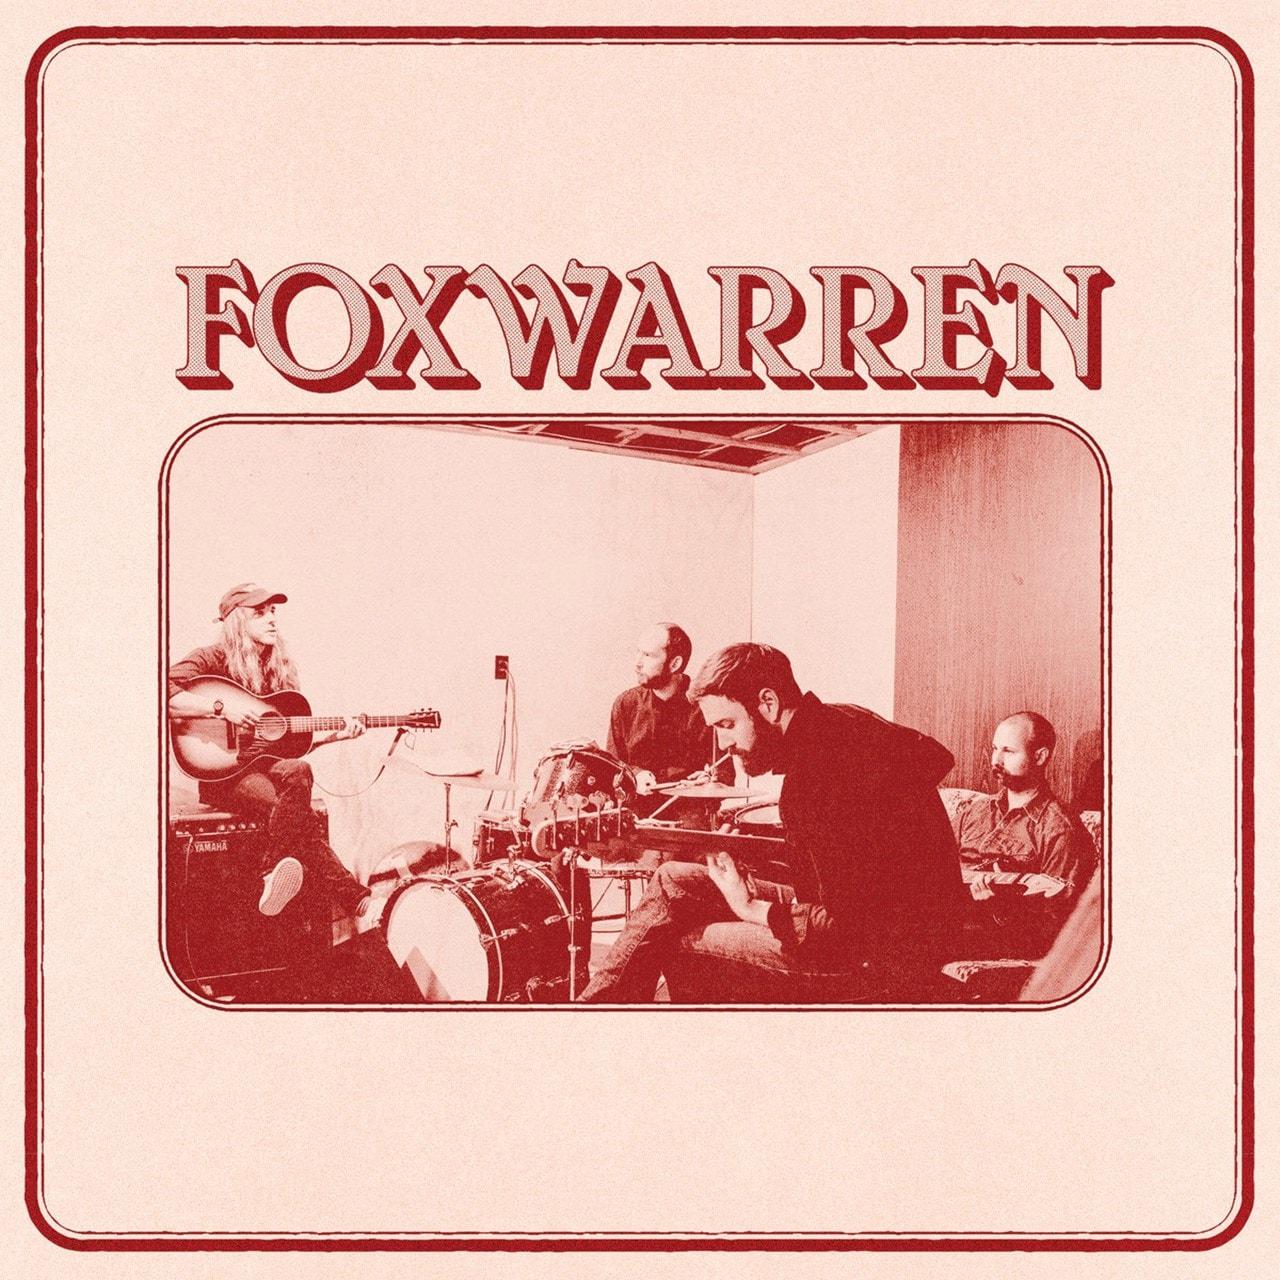 Foxwarren - 1